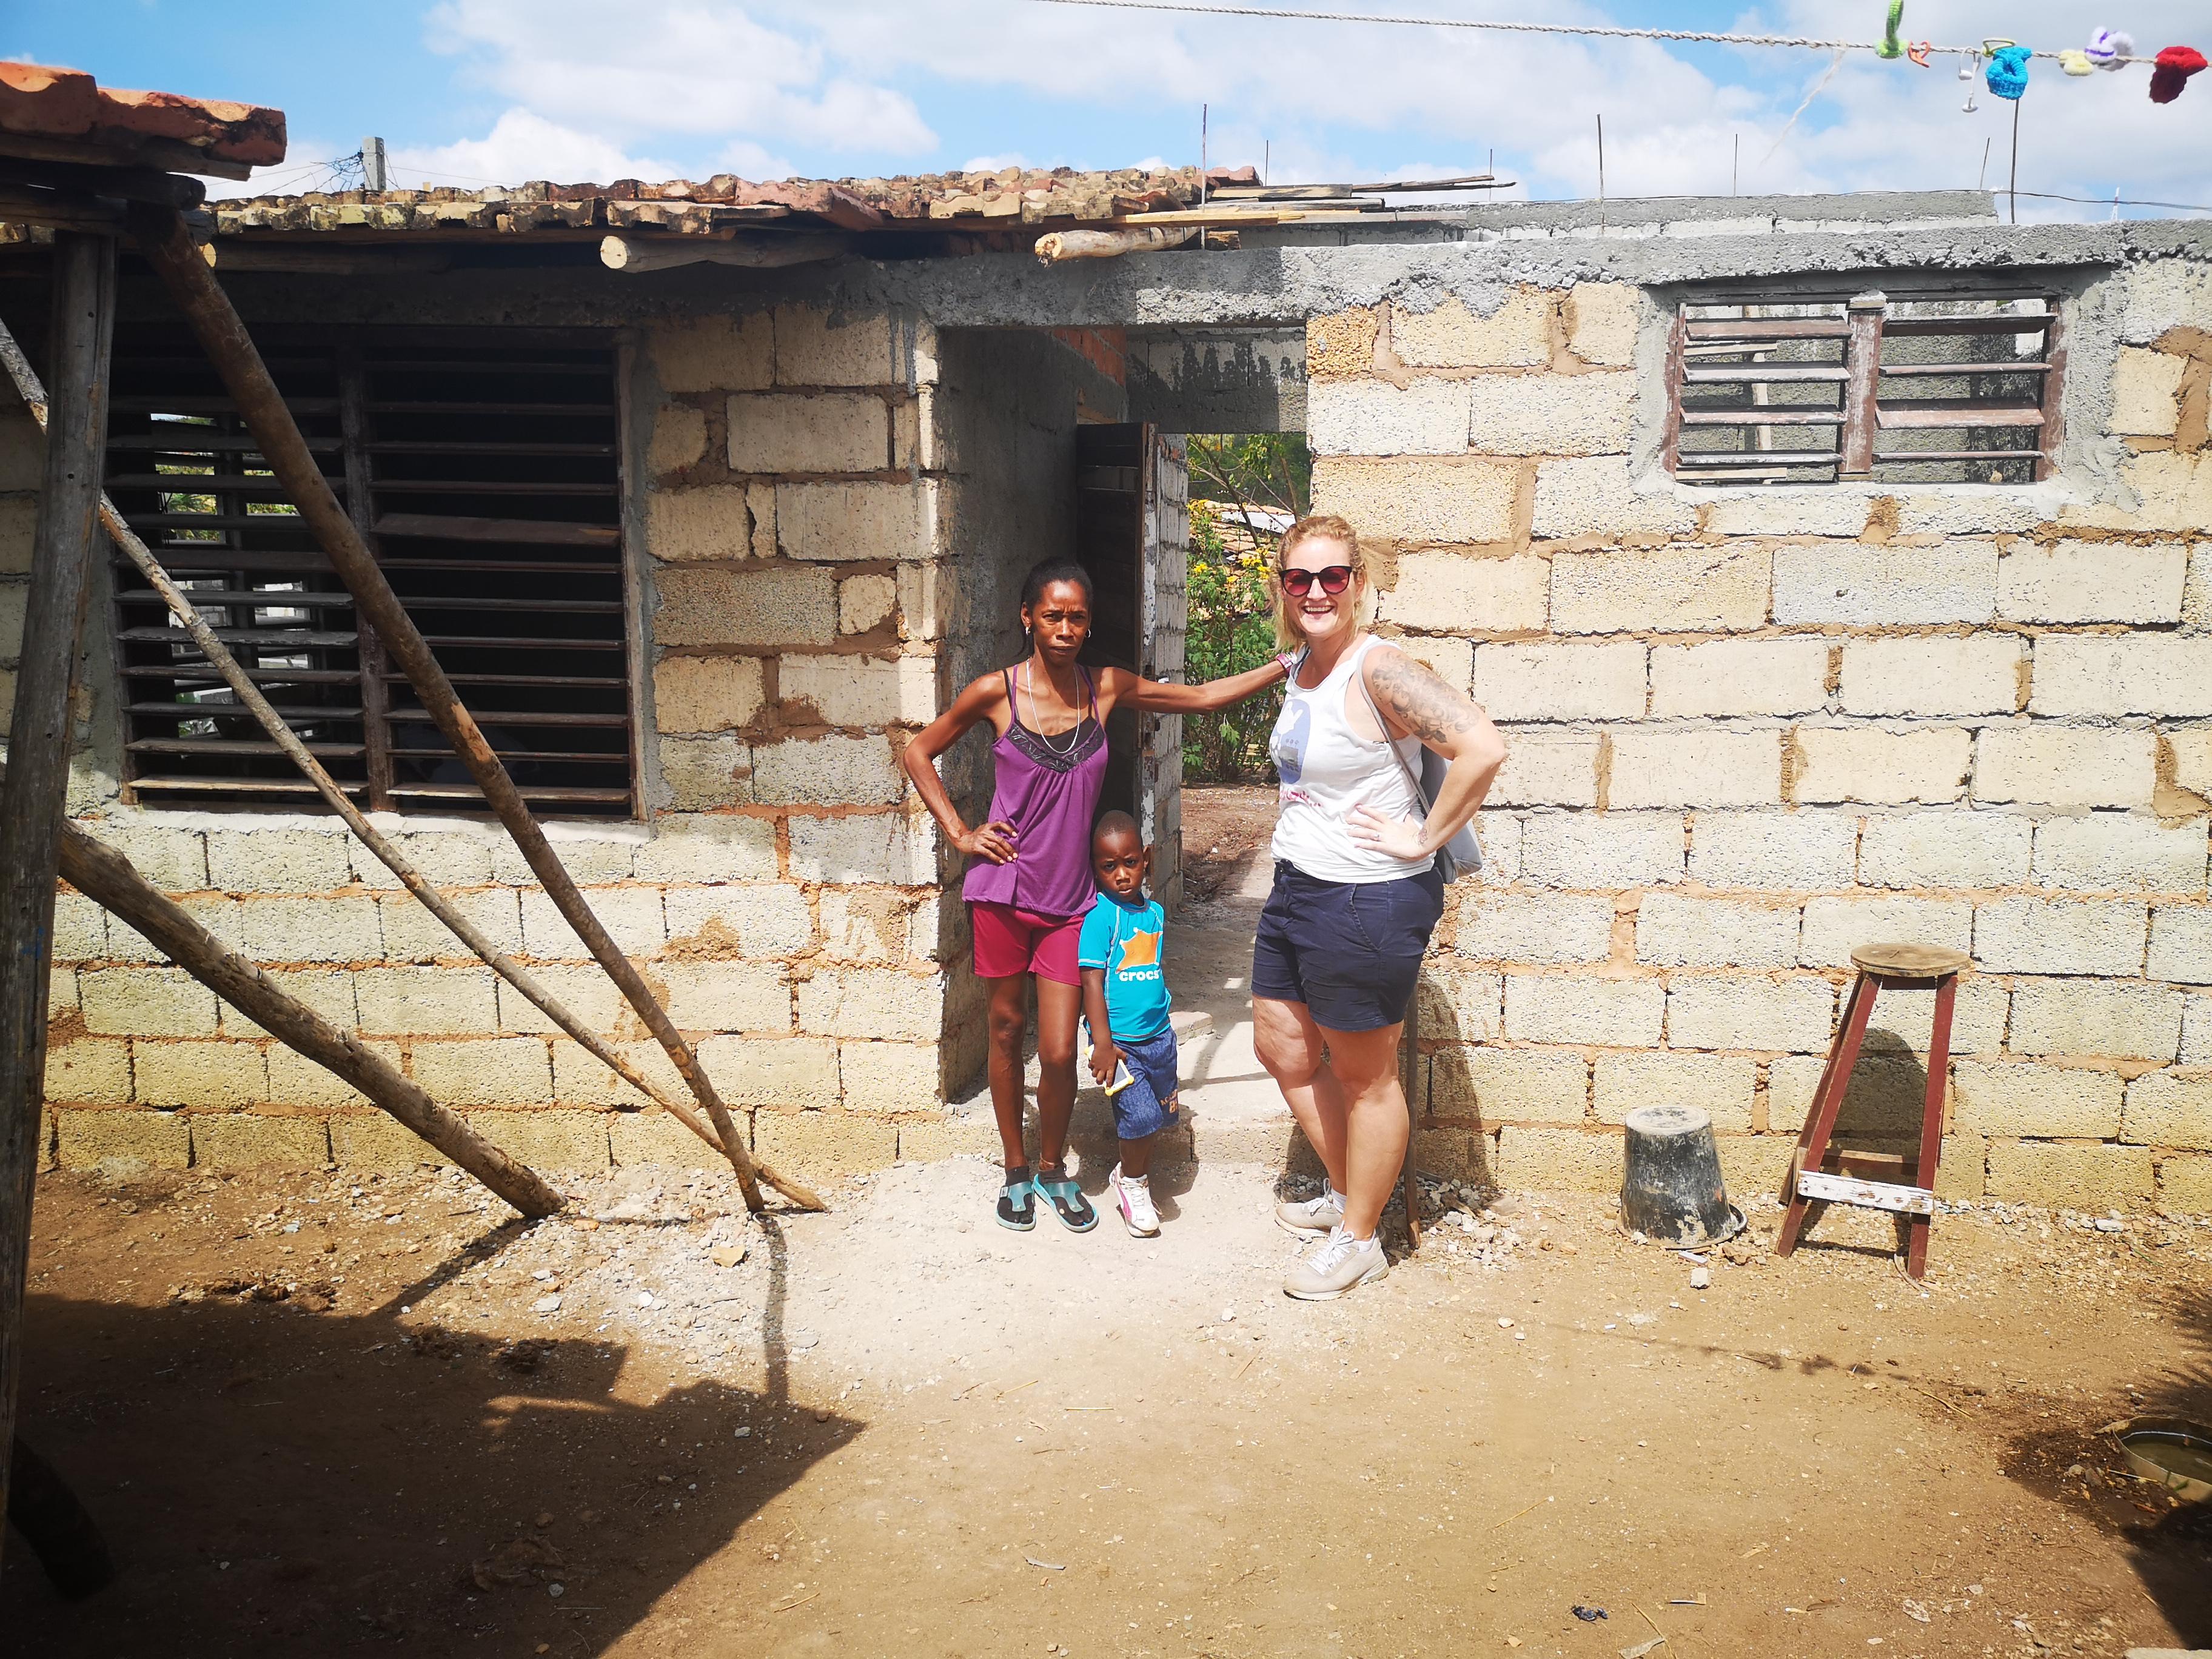 Jobb frivillig på Cuba